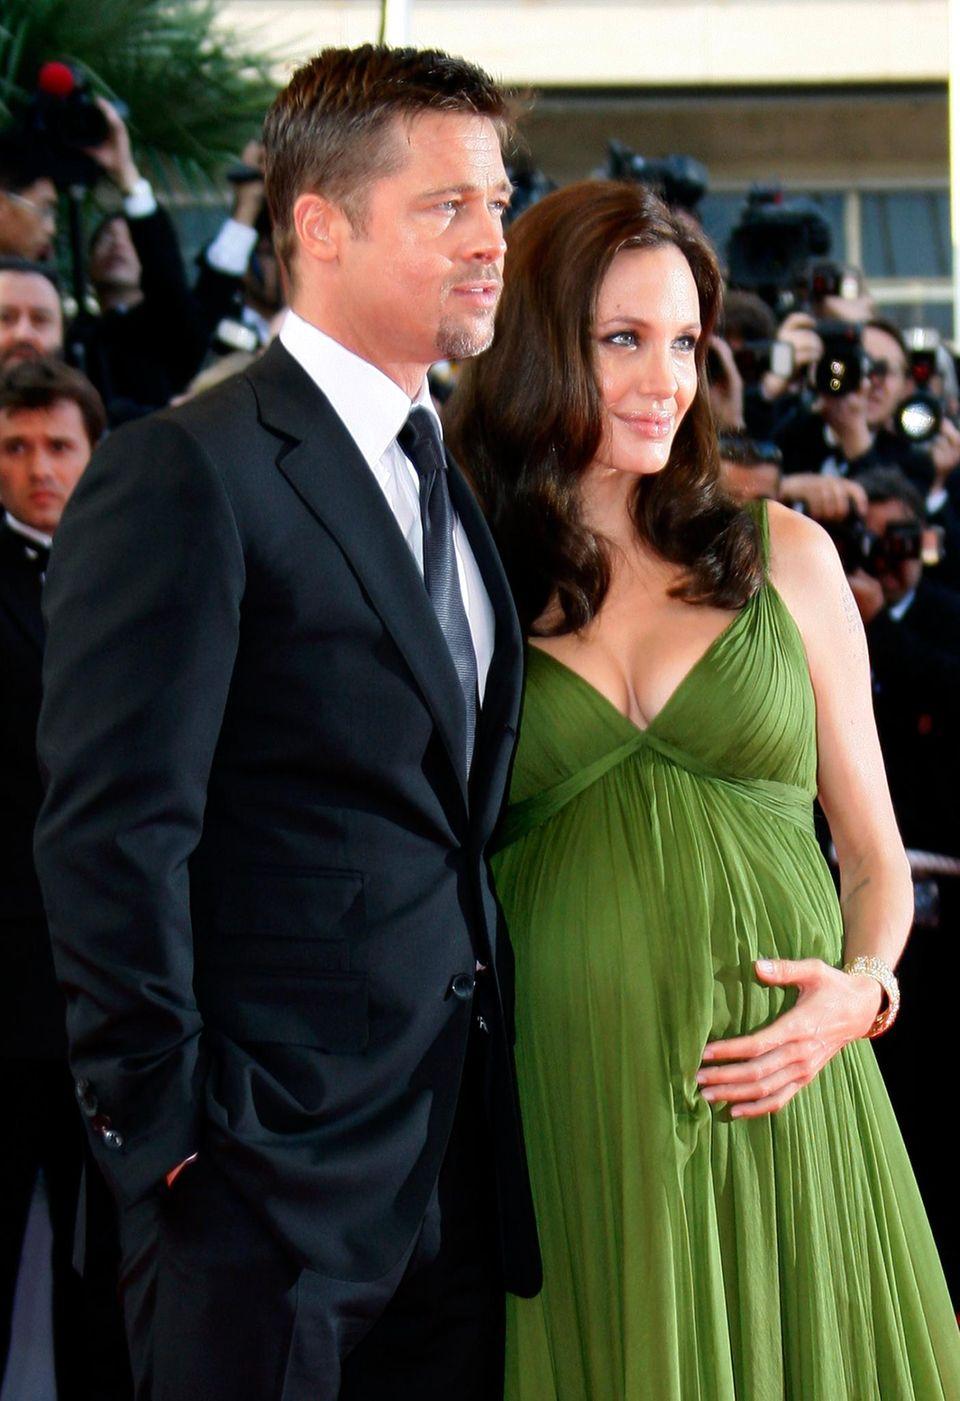 """Überaus weiblich: Brad Pitt und seine hochschwangere Partnerin Angelina Jolie dei den Filmfestspielen von Cannes im Jahr 2008. Zwei Monate später bringt Angelina die Zwillinge Knox und Vivienne zur Welt. Auf dem Titelbild des """"W Magazine"""" wird sie samt ihrer Brust - in den USA höchst umstritten - im September beim Stillen zu sehen sein."""